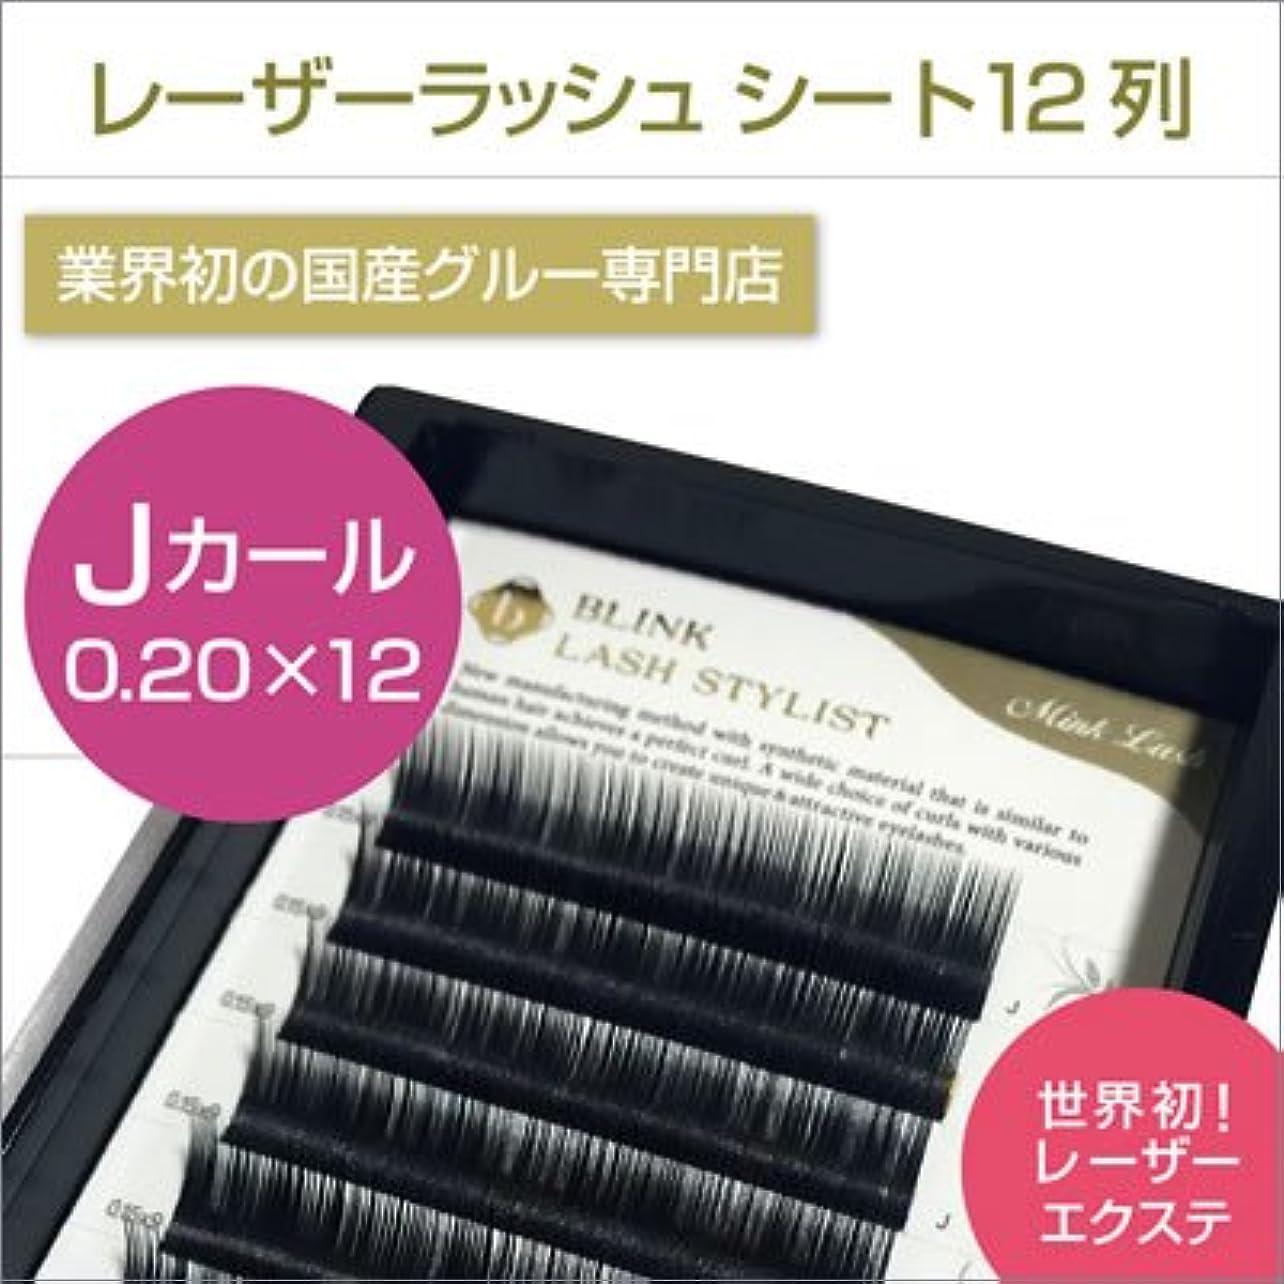 敬礼パーチナシティ異形orlo(オルロ) レーザーエクステ ミンクラッシュ Jカール 0.2mm×12mm